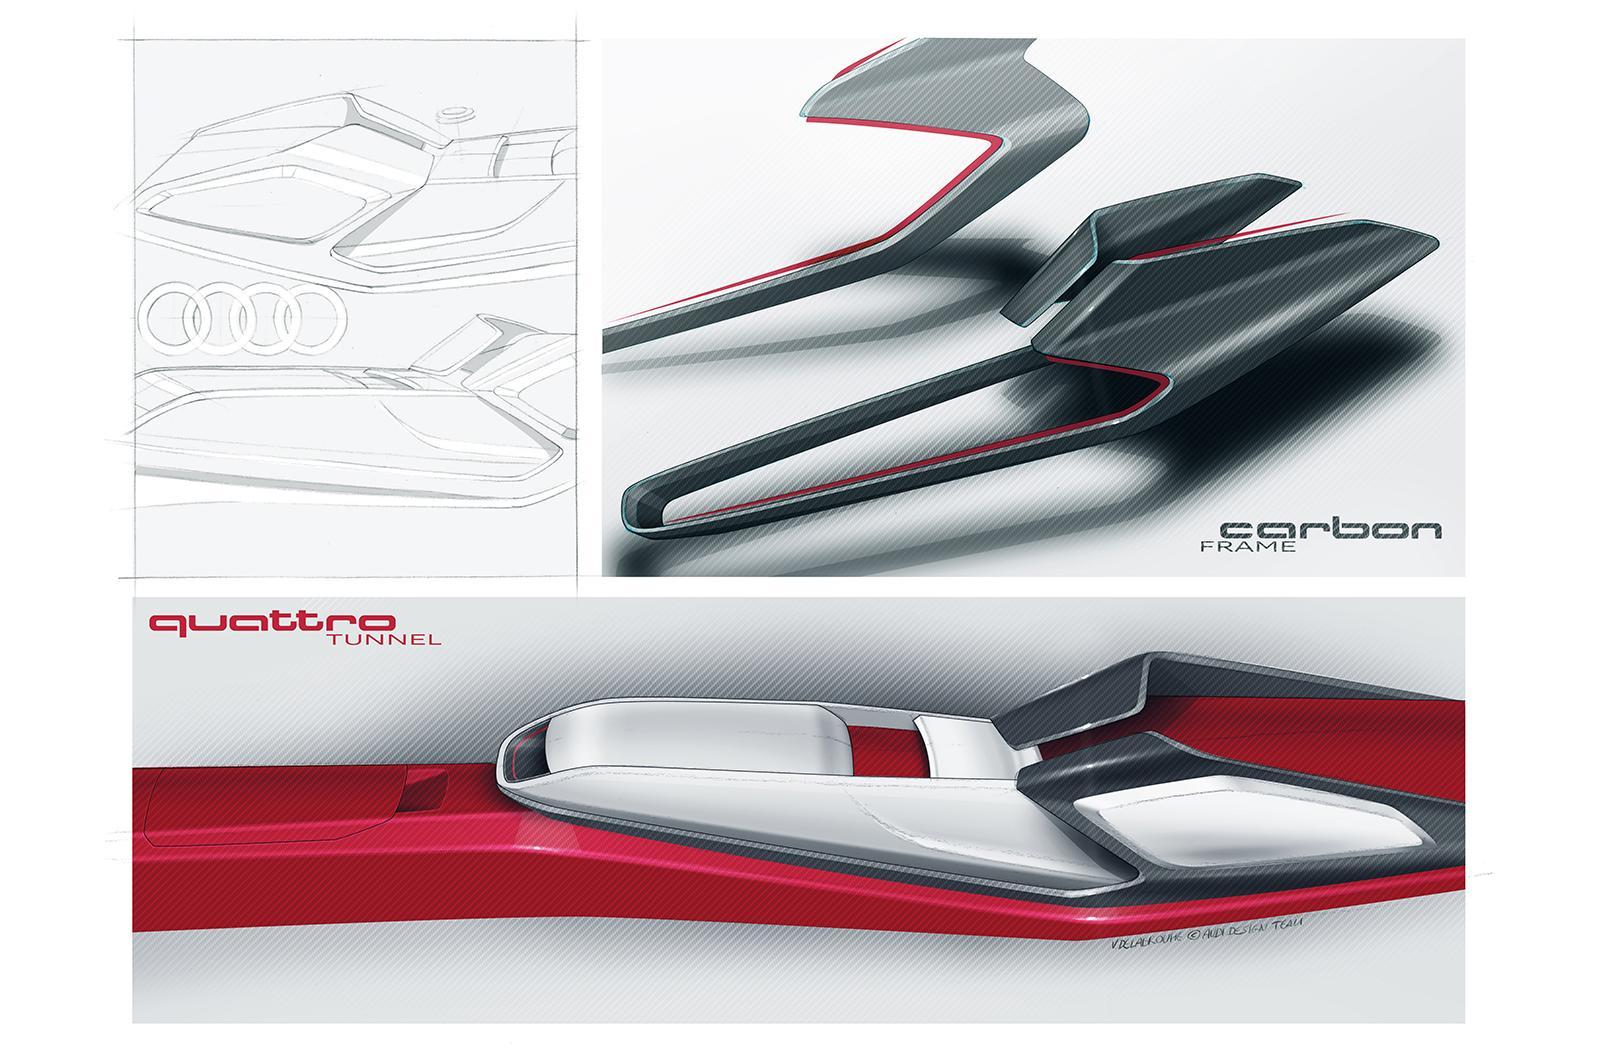 2013 Audi Quattor Concept Sketch Interior Centre Console